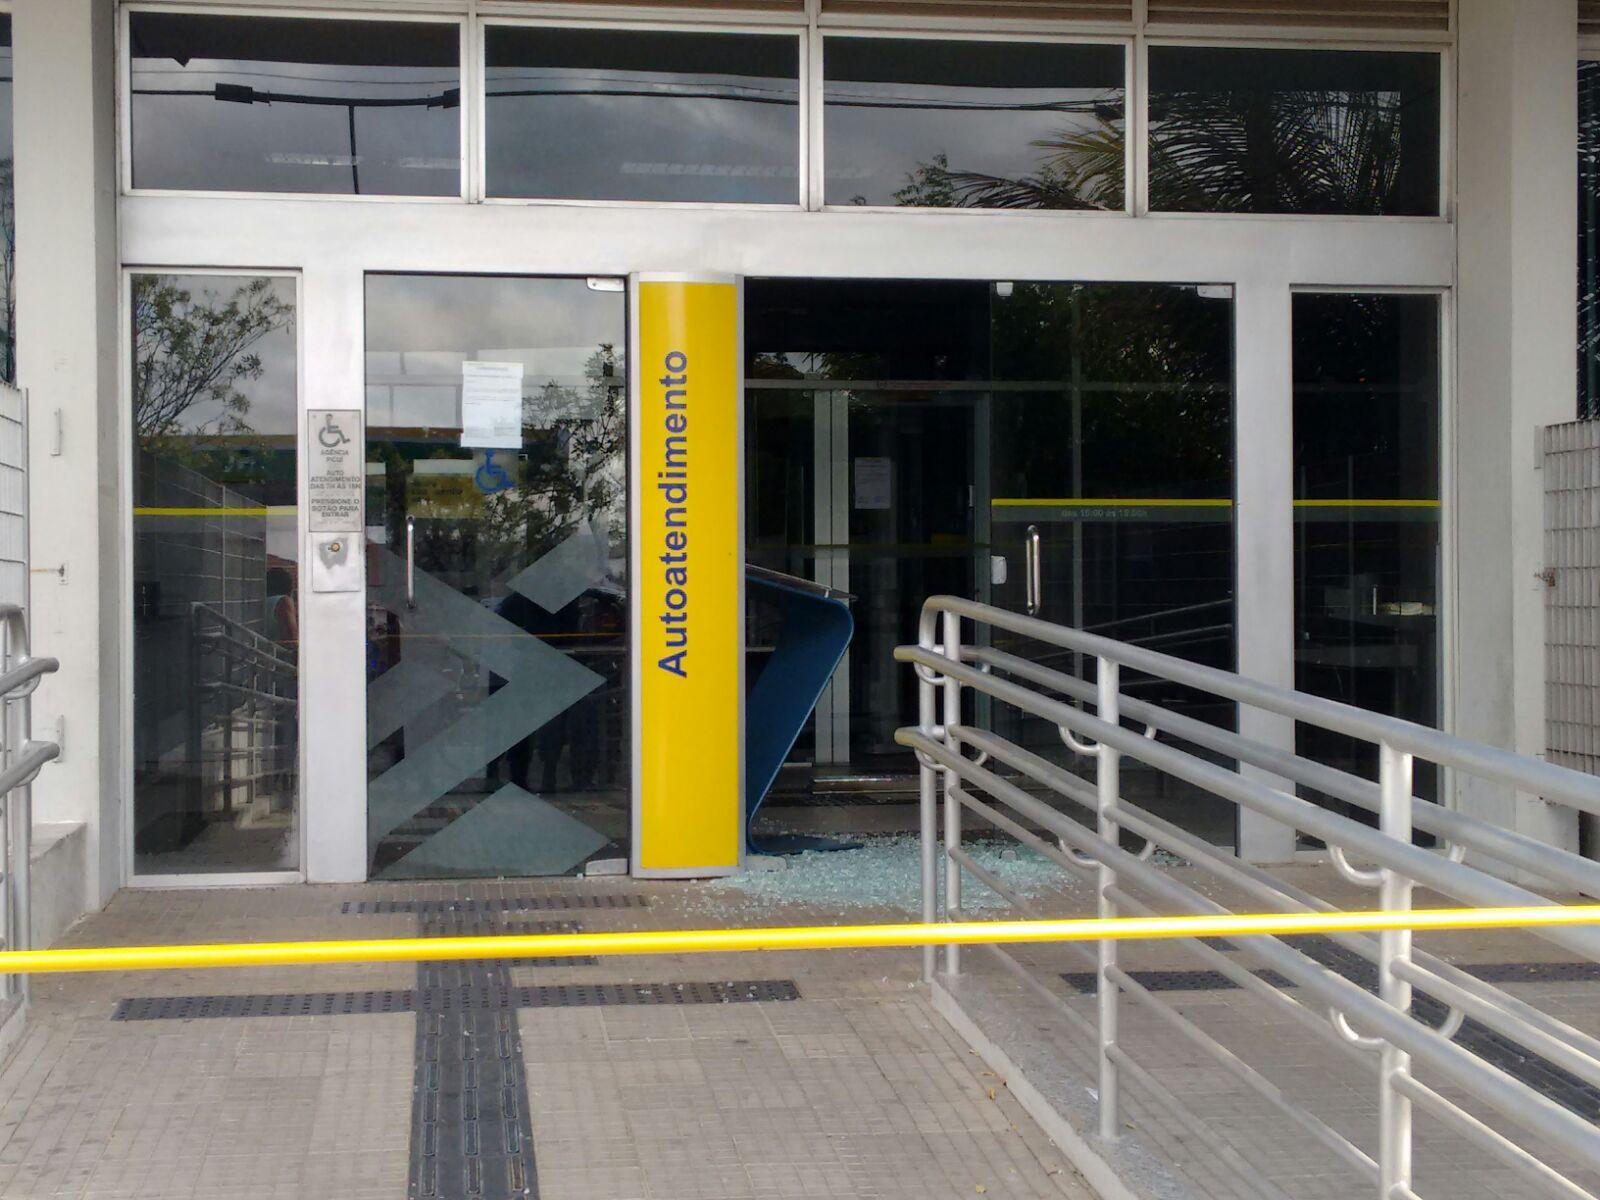 Cofre da agência bancária foi explodido durante a madrugada (Foto: Rede de Notícias PB)